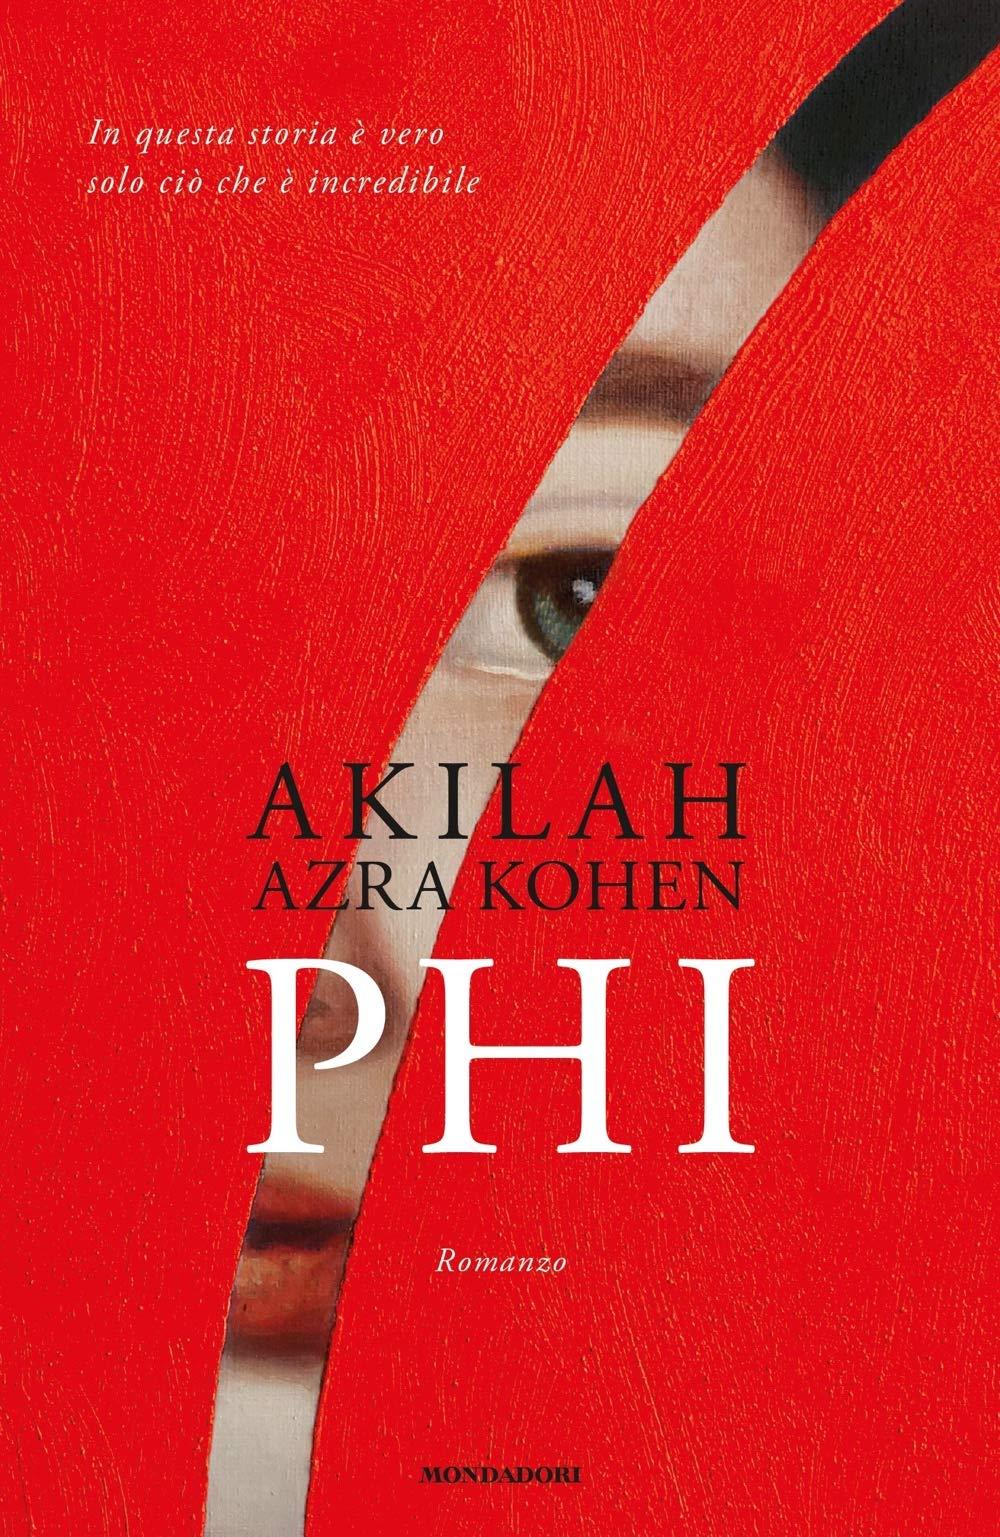 Phi (Omnibus stranieri): Amazon.es: Kohen, Akilah Azra, Verderame, N.: Libros en idiomas extranjeros